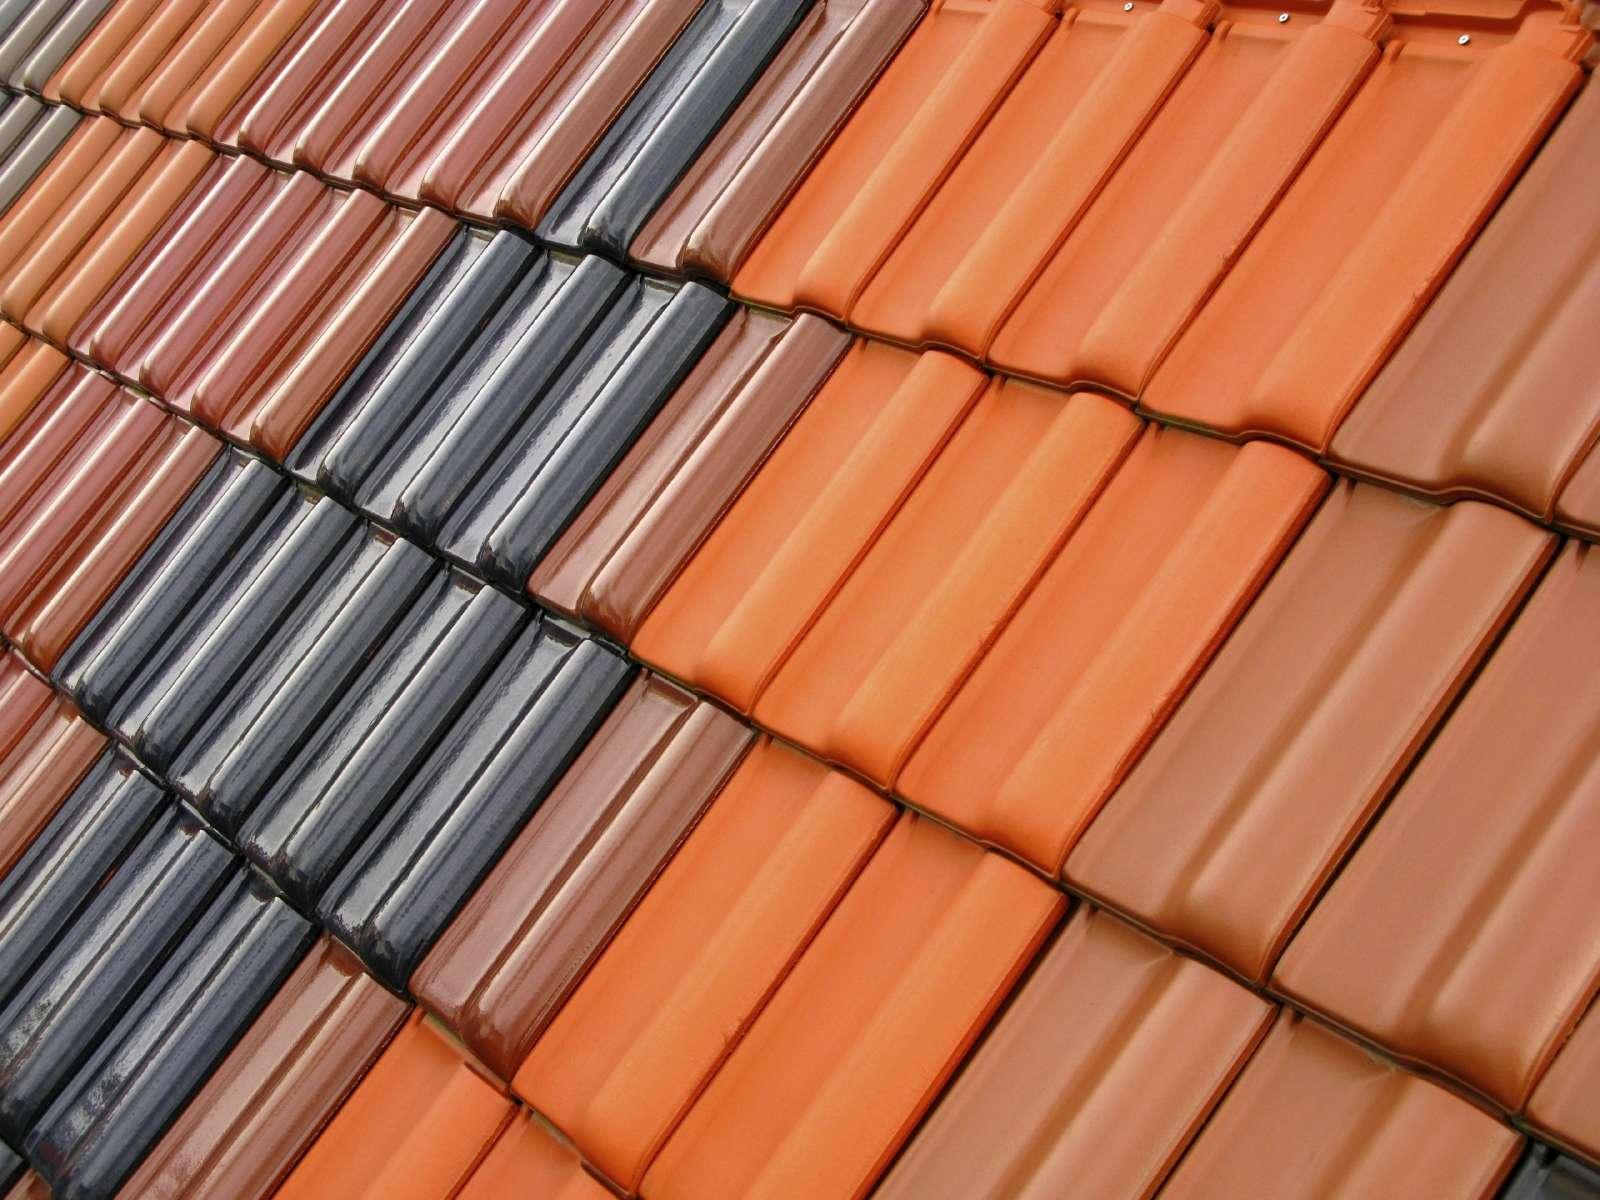 Comment choisir mes tuiles en terre cuite for Choisir couleur toiture